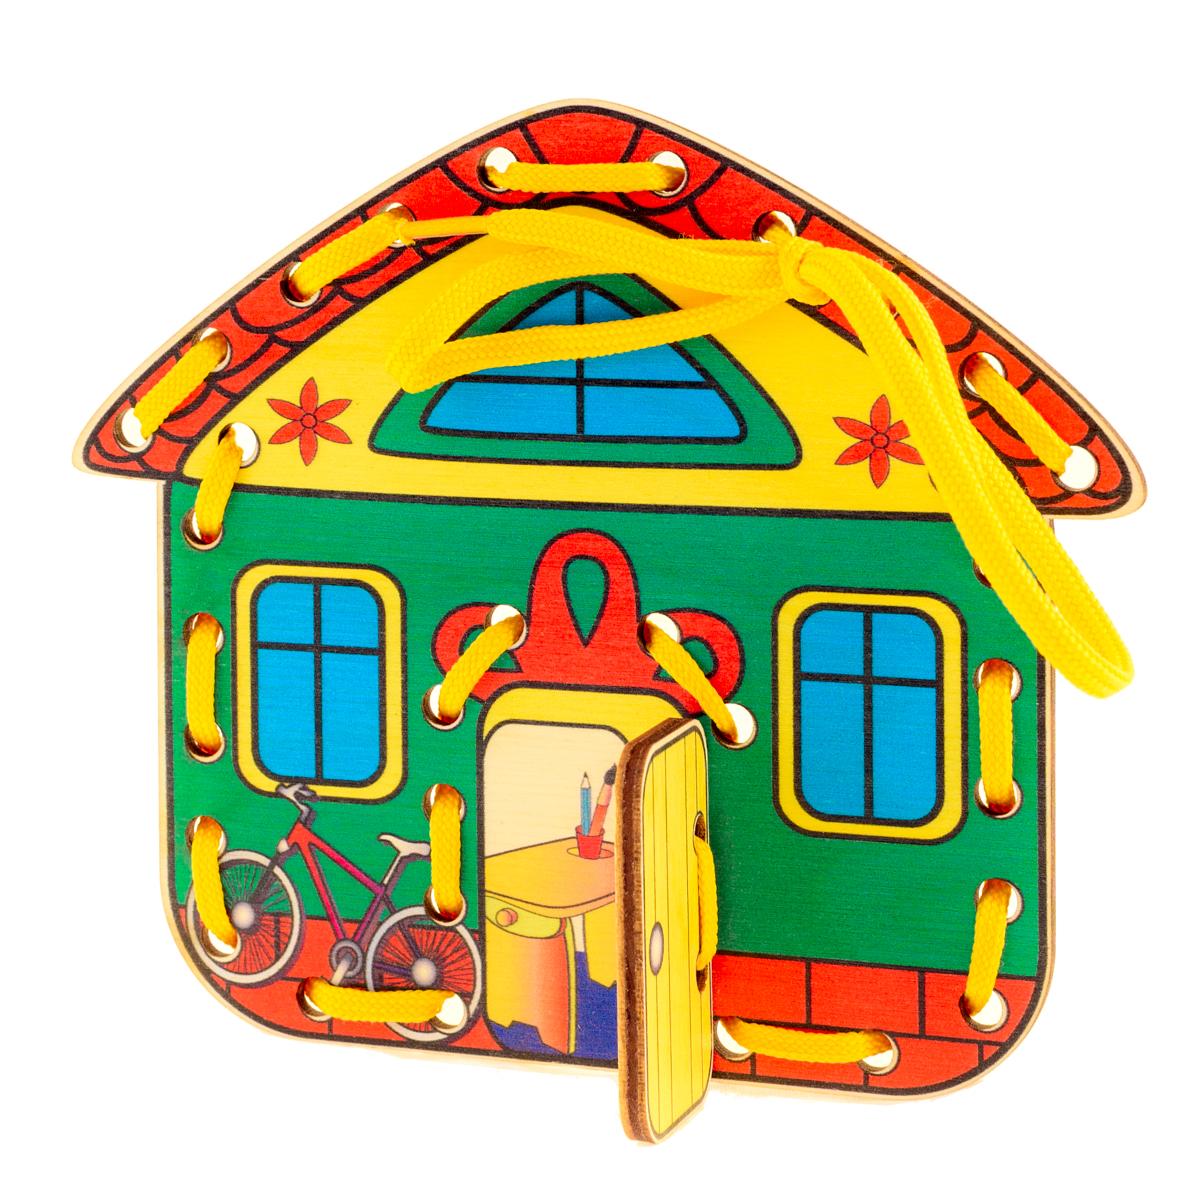 Развивающие деревянные игрушки Шнуровка Домик Времена года ВеснаД515аШнуровка из качественных деревоматериалов - прекрасная игрушка для развития ребенка. Шнуровка-домик из обработатнной фанеры непременно станет любимой игрушкой любопытного непоседы. Серия шнуровок ВРЕМЕНА ГОДА не только послужит незаменимым пособием для развития моторики ребенка, но и познакомит его с окружающим миром. Насыщенные цвета и разнообразные формы будут стимулировать детское воображение и фантазию, развивать внимание, цветовое восприятие, моторику и координацию. А после того, как ребенок зашнурует домик, можно будет поиграть с домиком, открывая и закрывая дверь. ВНИМАНИЕ! Детали игрушки выполнены из натурального дерева (деревоматериала) без покрытия лаками или другими химическими составами. Перед использованием удалите остатки древесины и древесную пыль, тщательно протерев детали игрушки мягкой тканью!